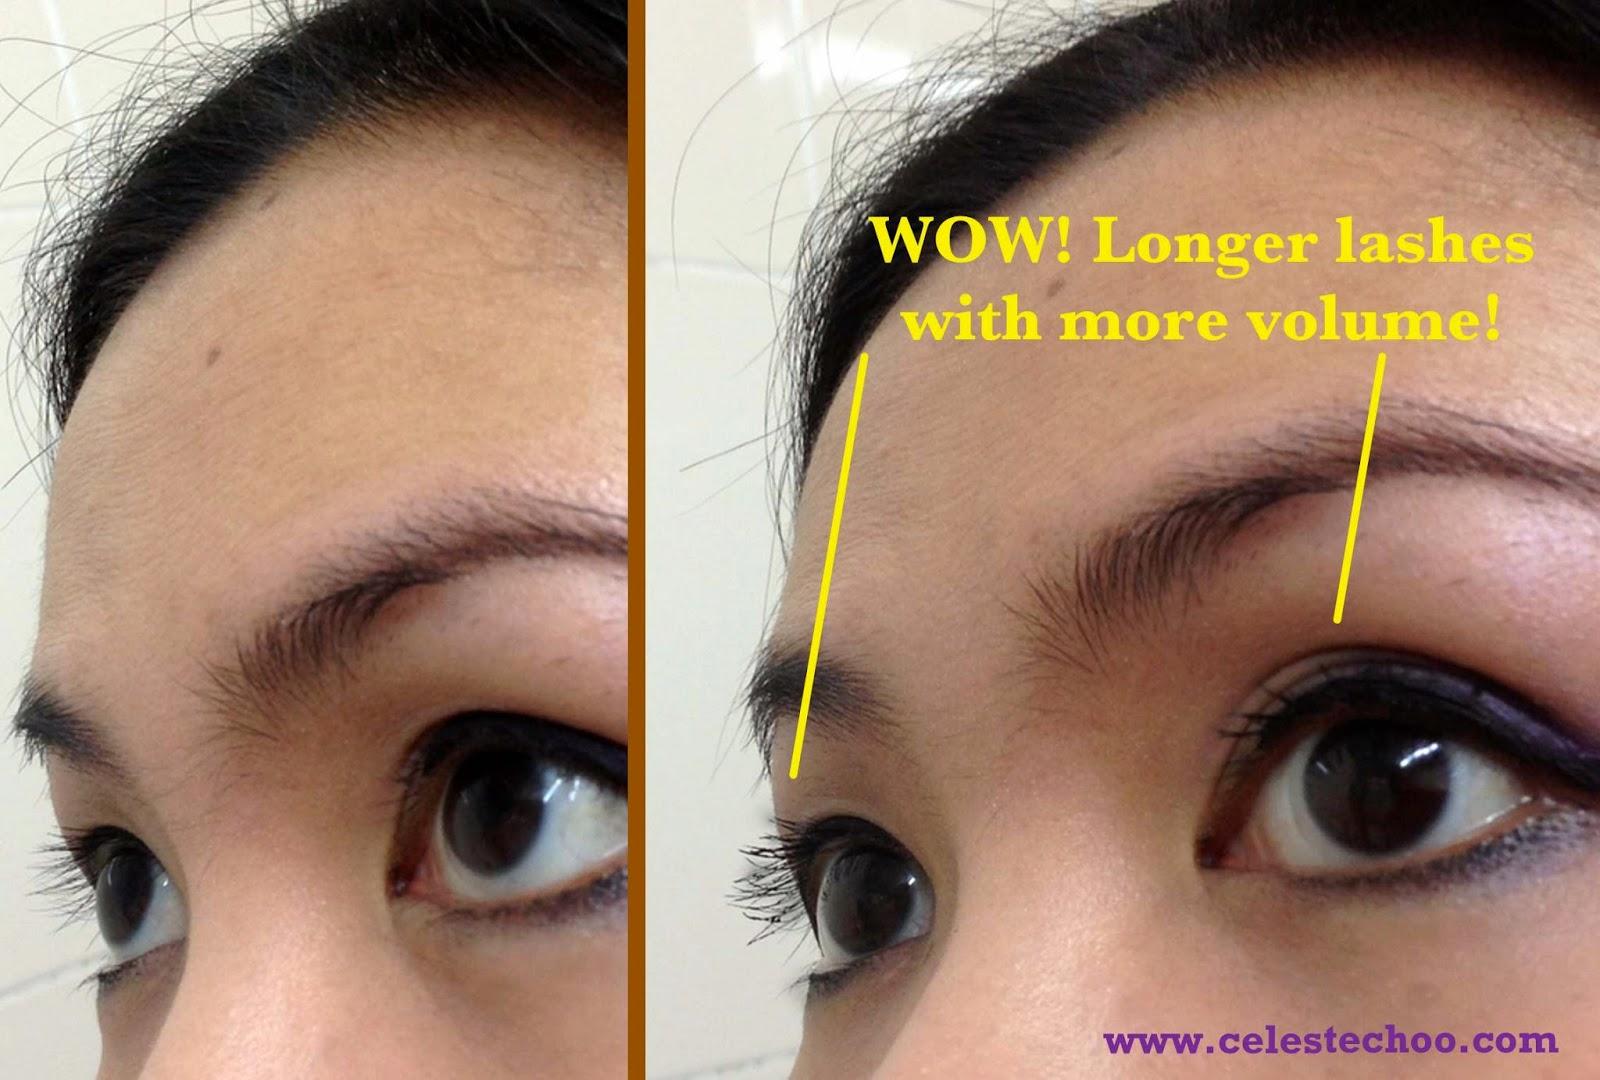 image-nars-volumizing-lengthening-mascara-for-longer-lashes